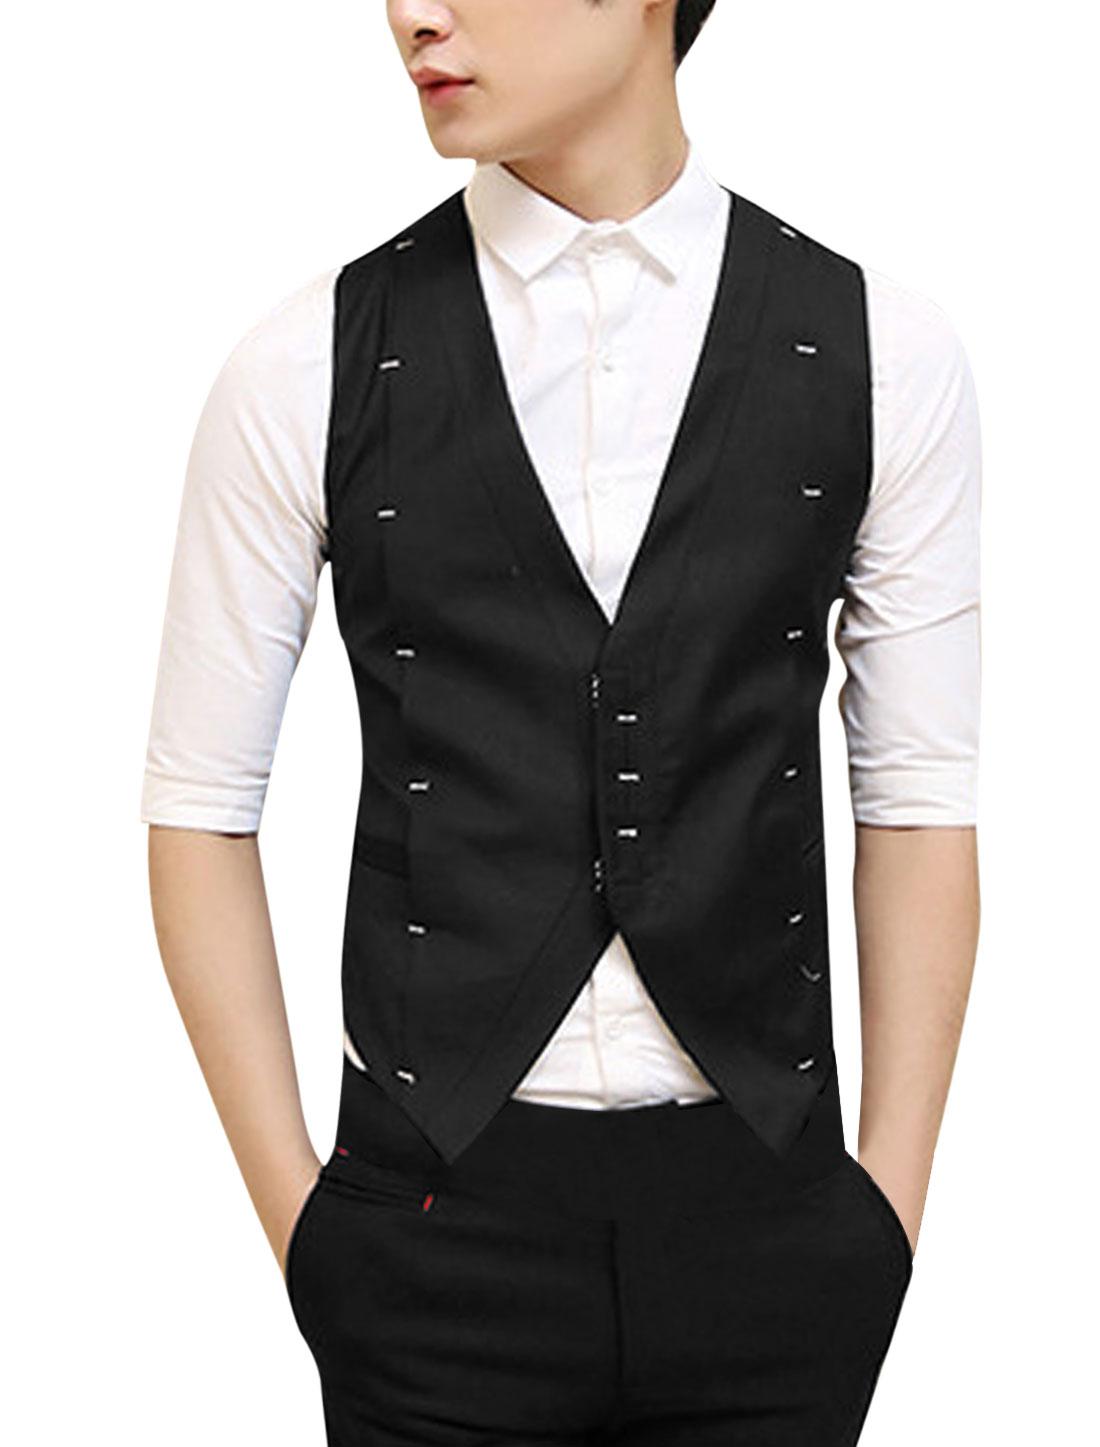 Men New Hook Eye Closure Two Welt Pockets Fashion Vest Black S